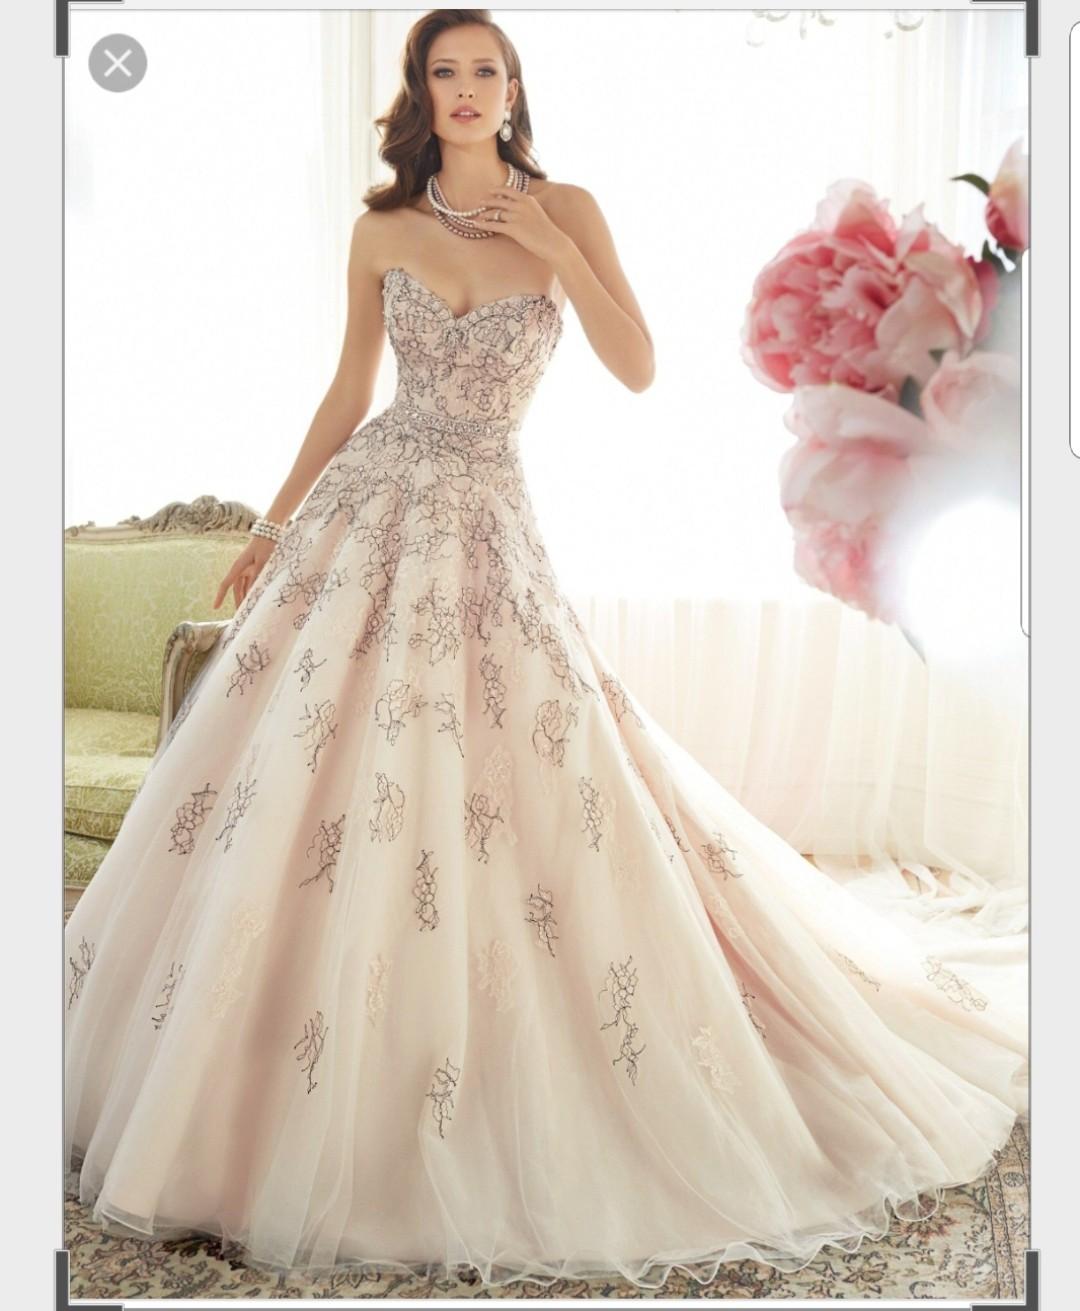 Sophia Tolli Used Wedding Dress On Sale 50% Off